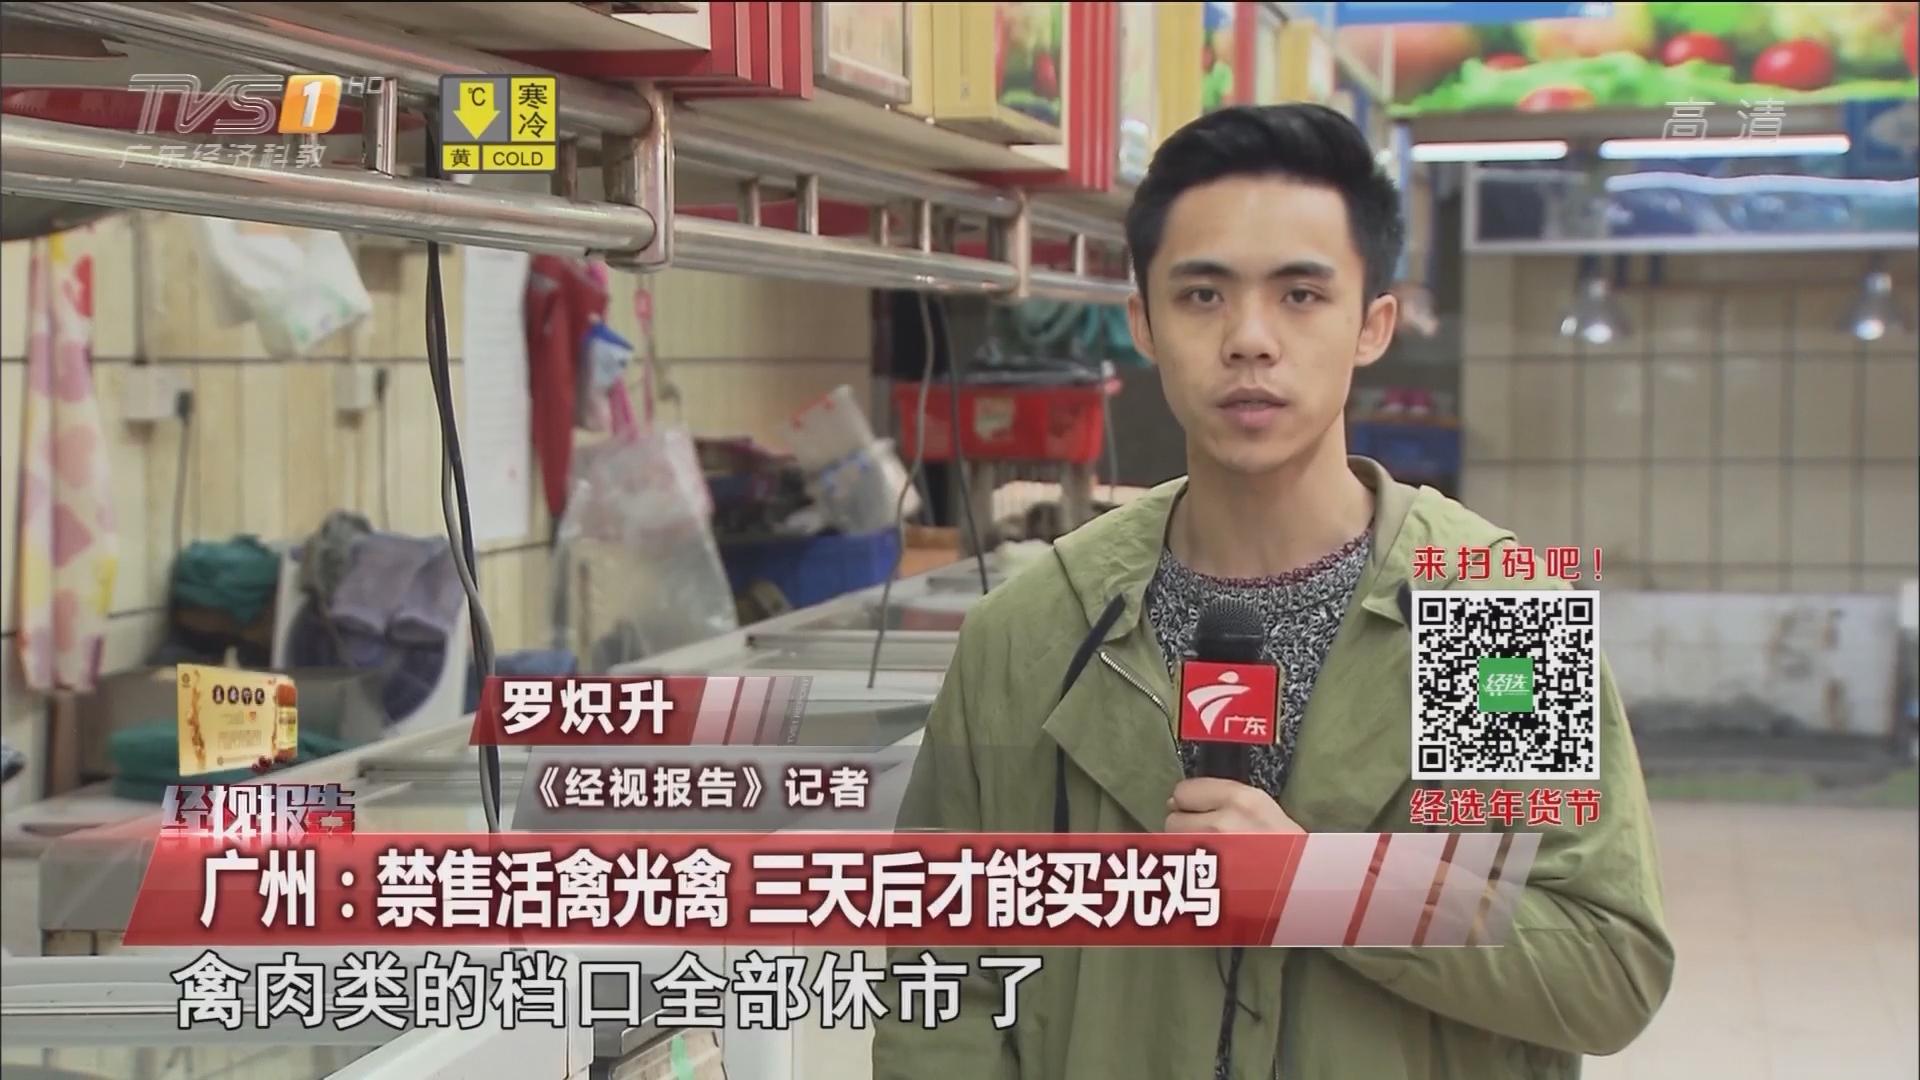 广州:禁售活禽光禽 三天后才能买光鸡